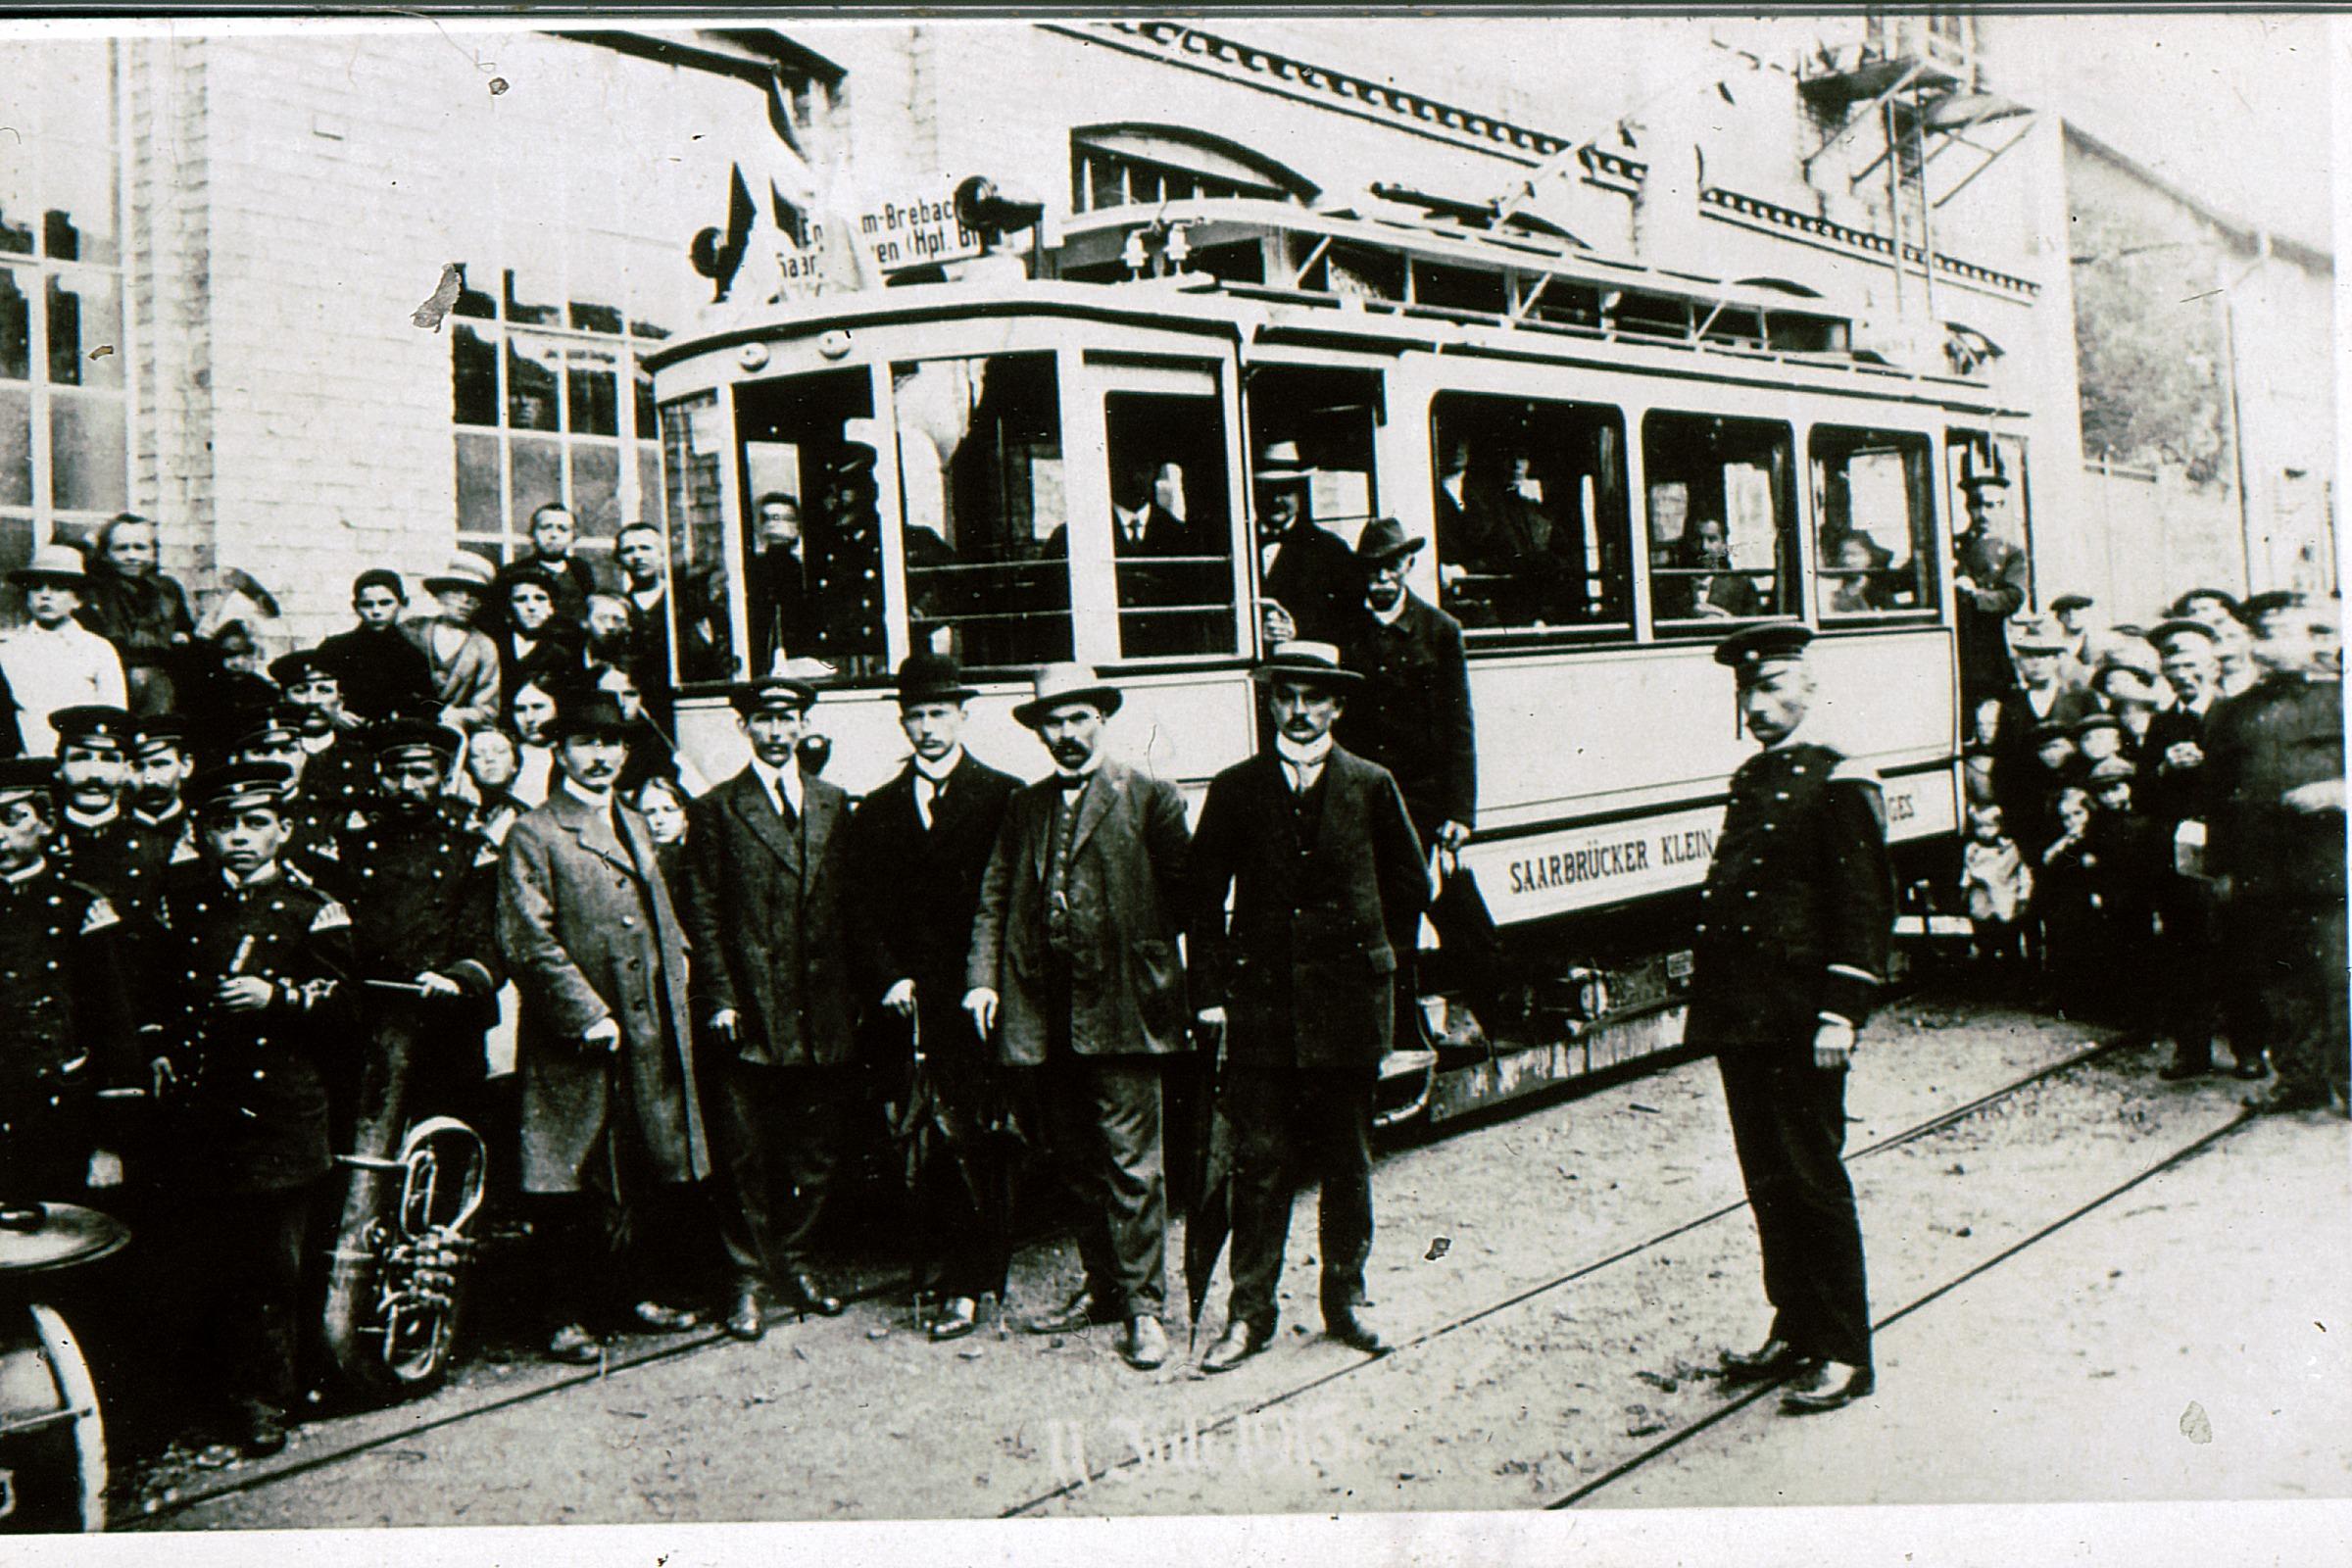 Einweihung der Straßenbahn 1913